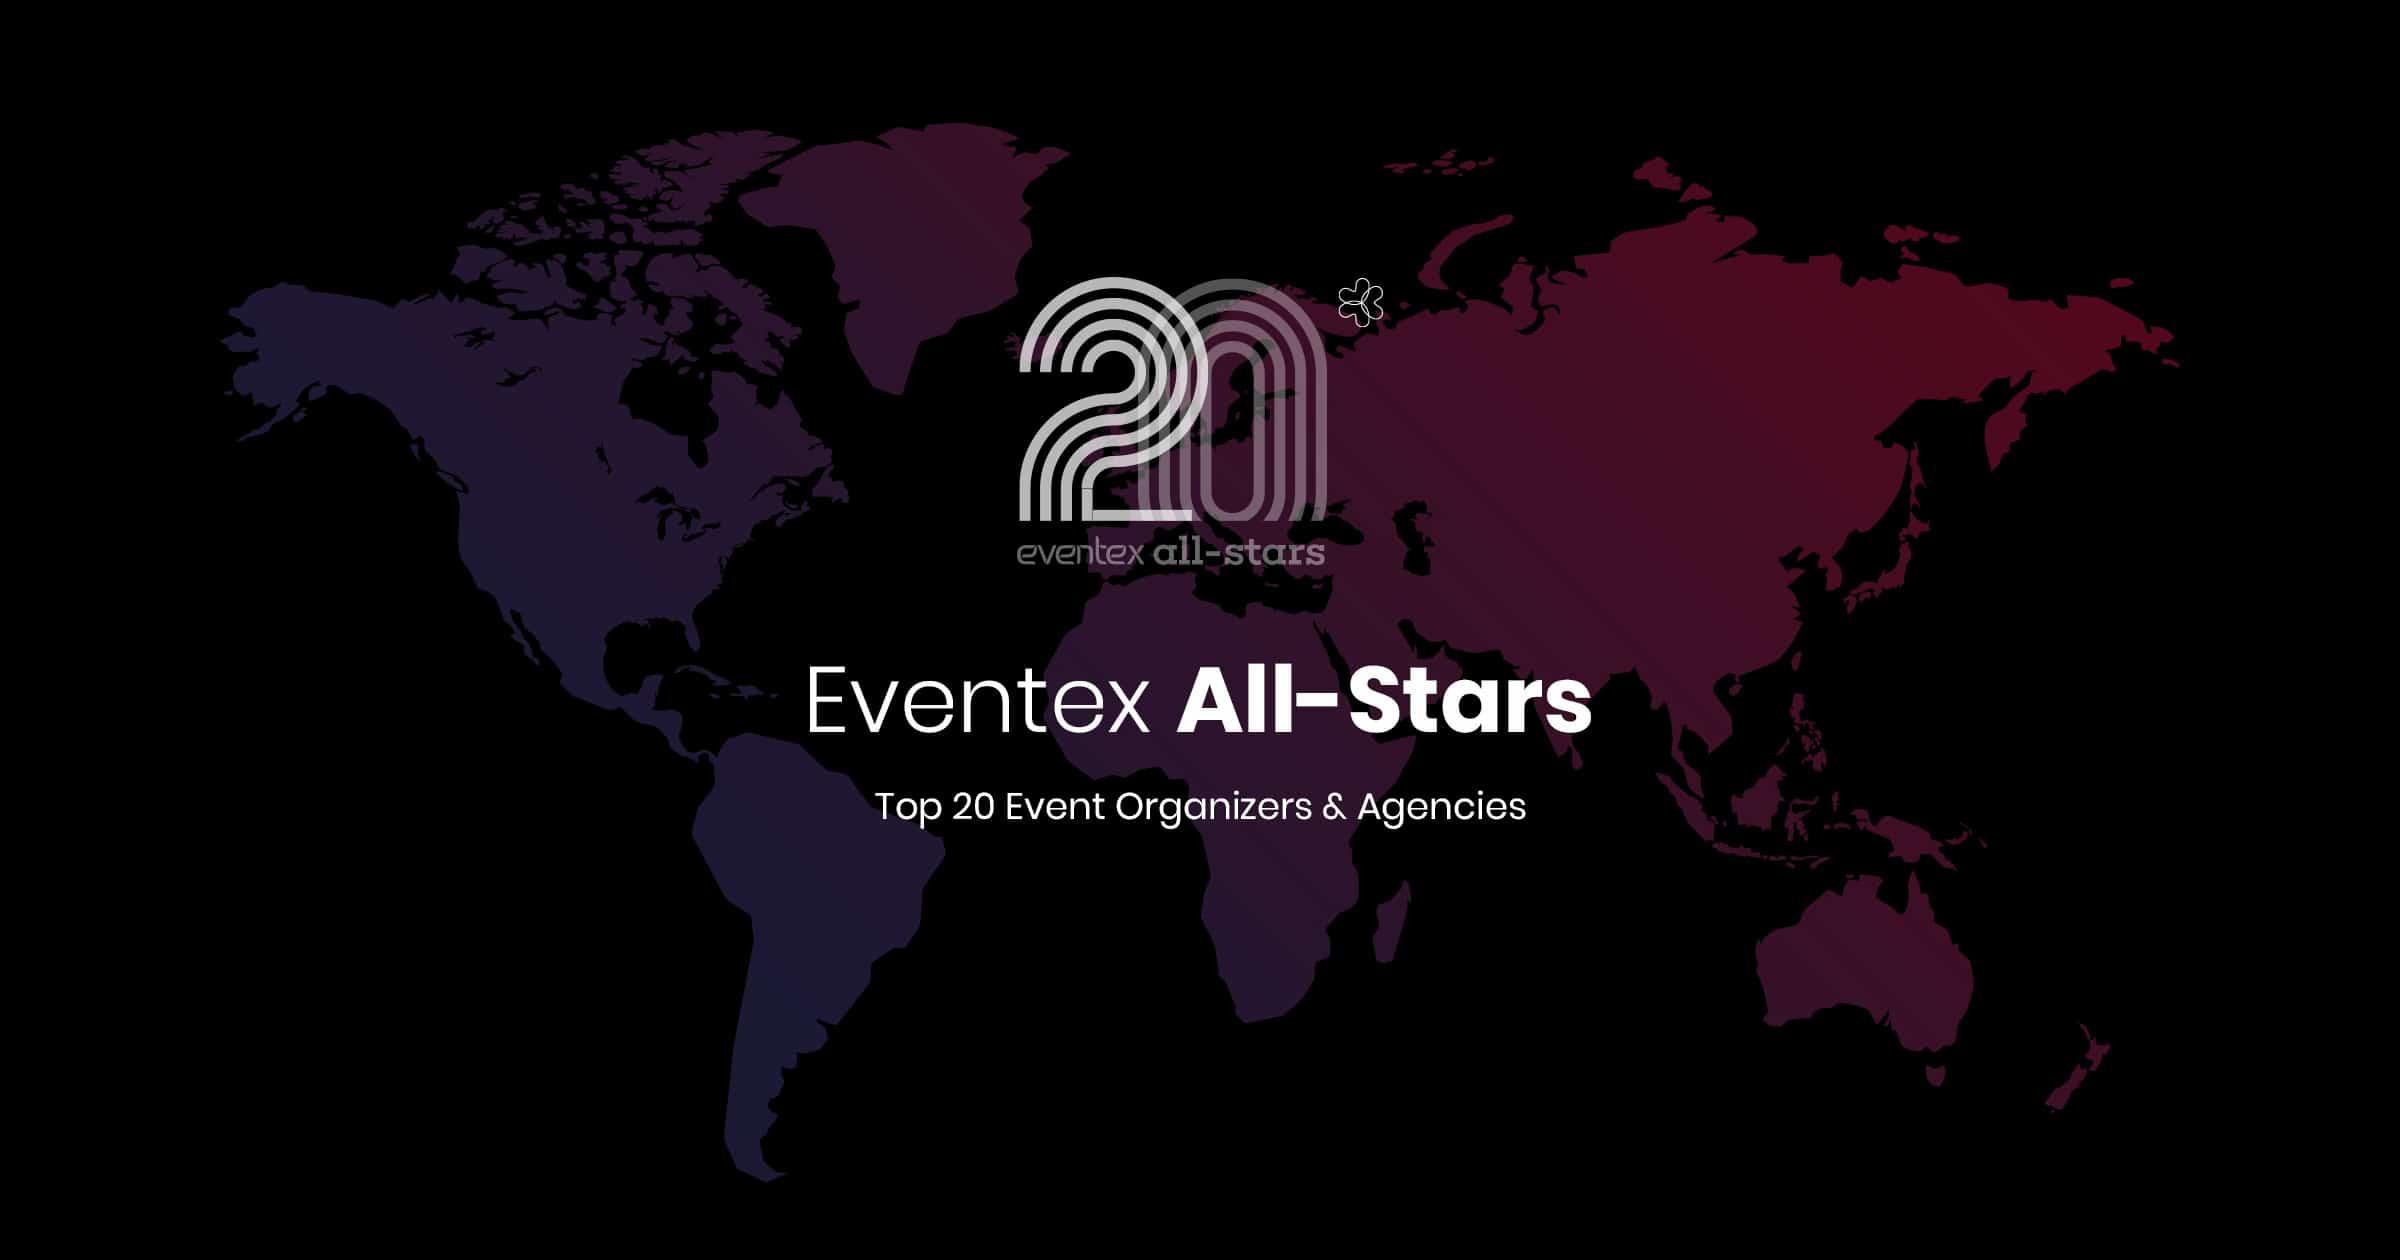 Αποτέλεσμα εικόνας για All-stars: Top 20 event organizers and agencies for 2018